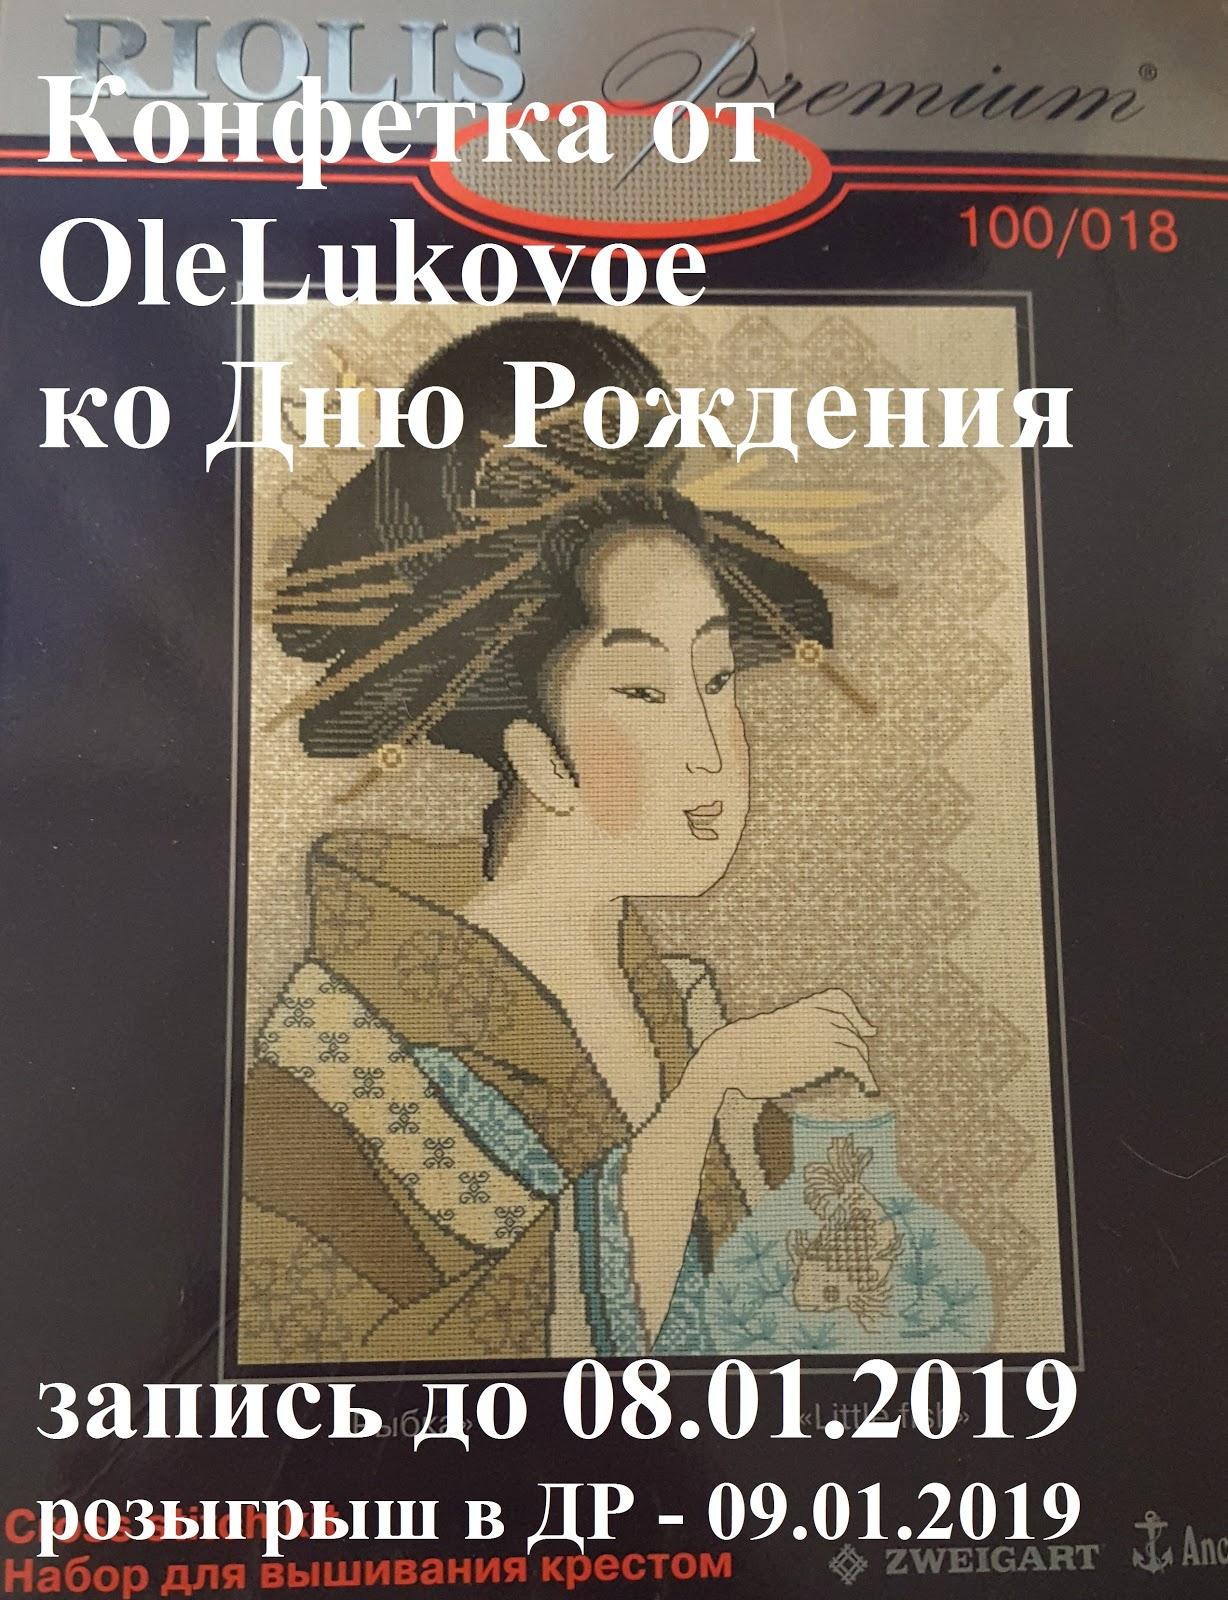 Конфетка ко дню рождения от OleLukovoe